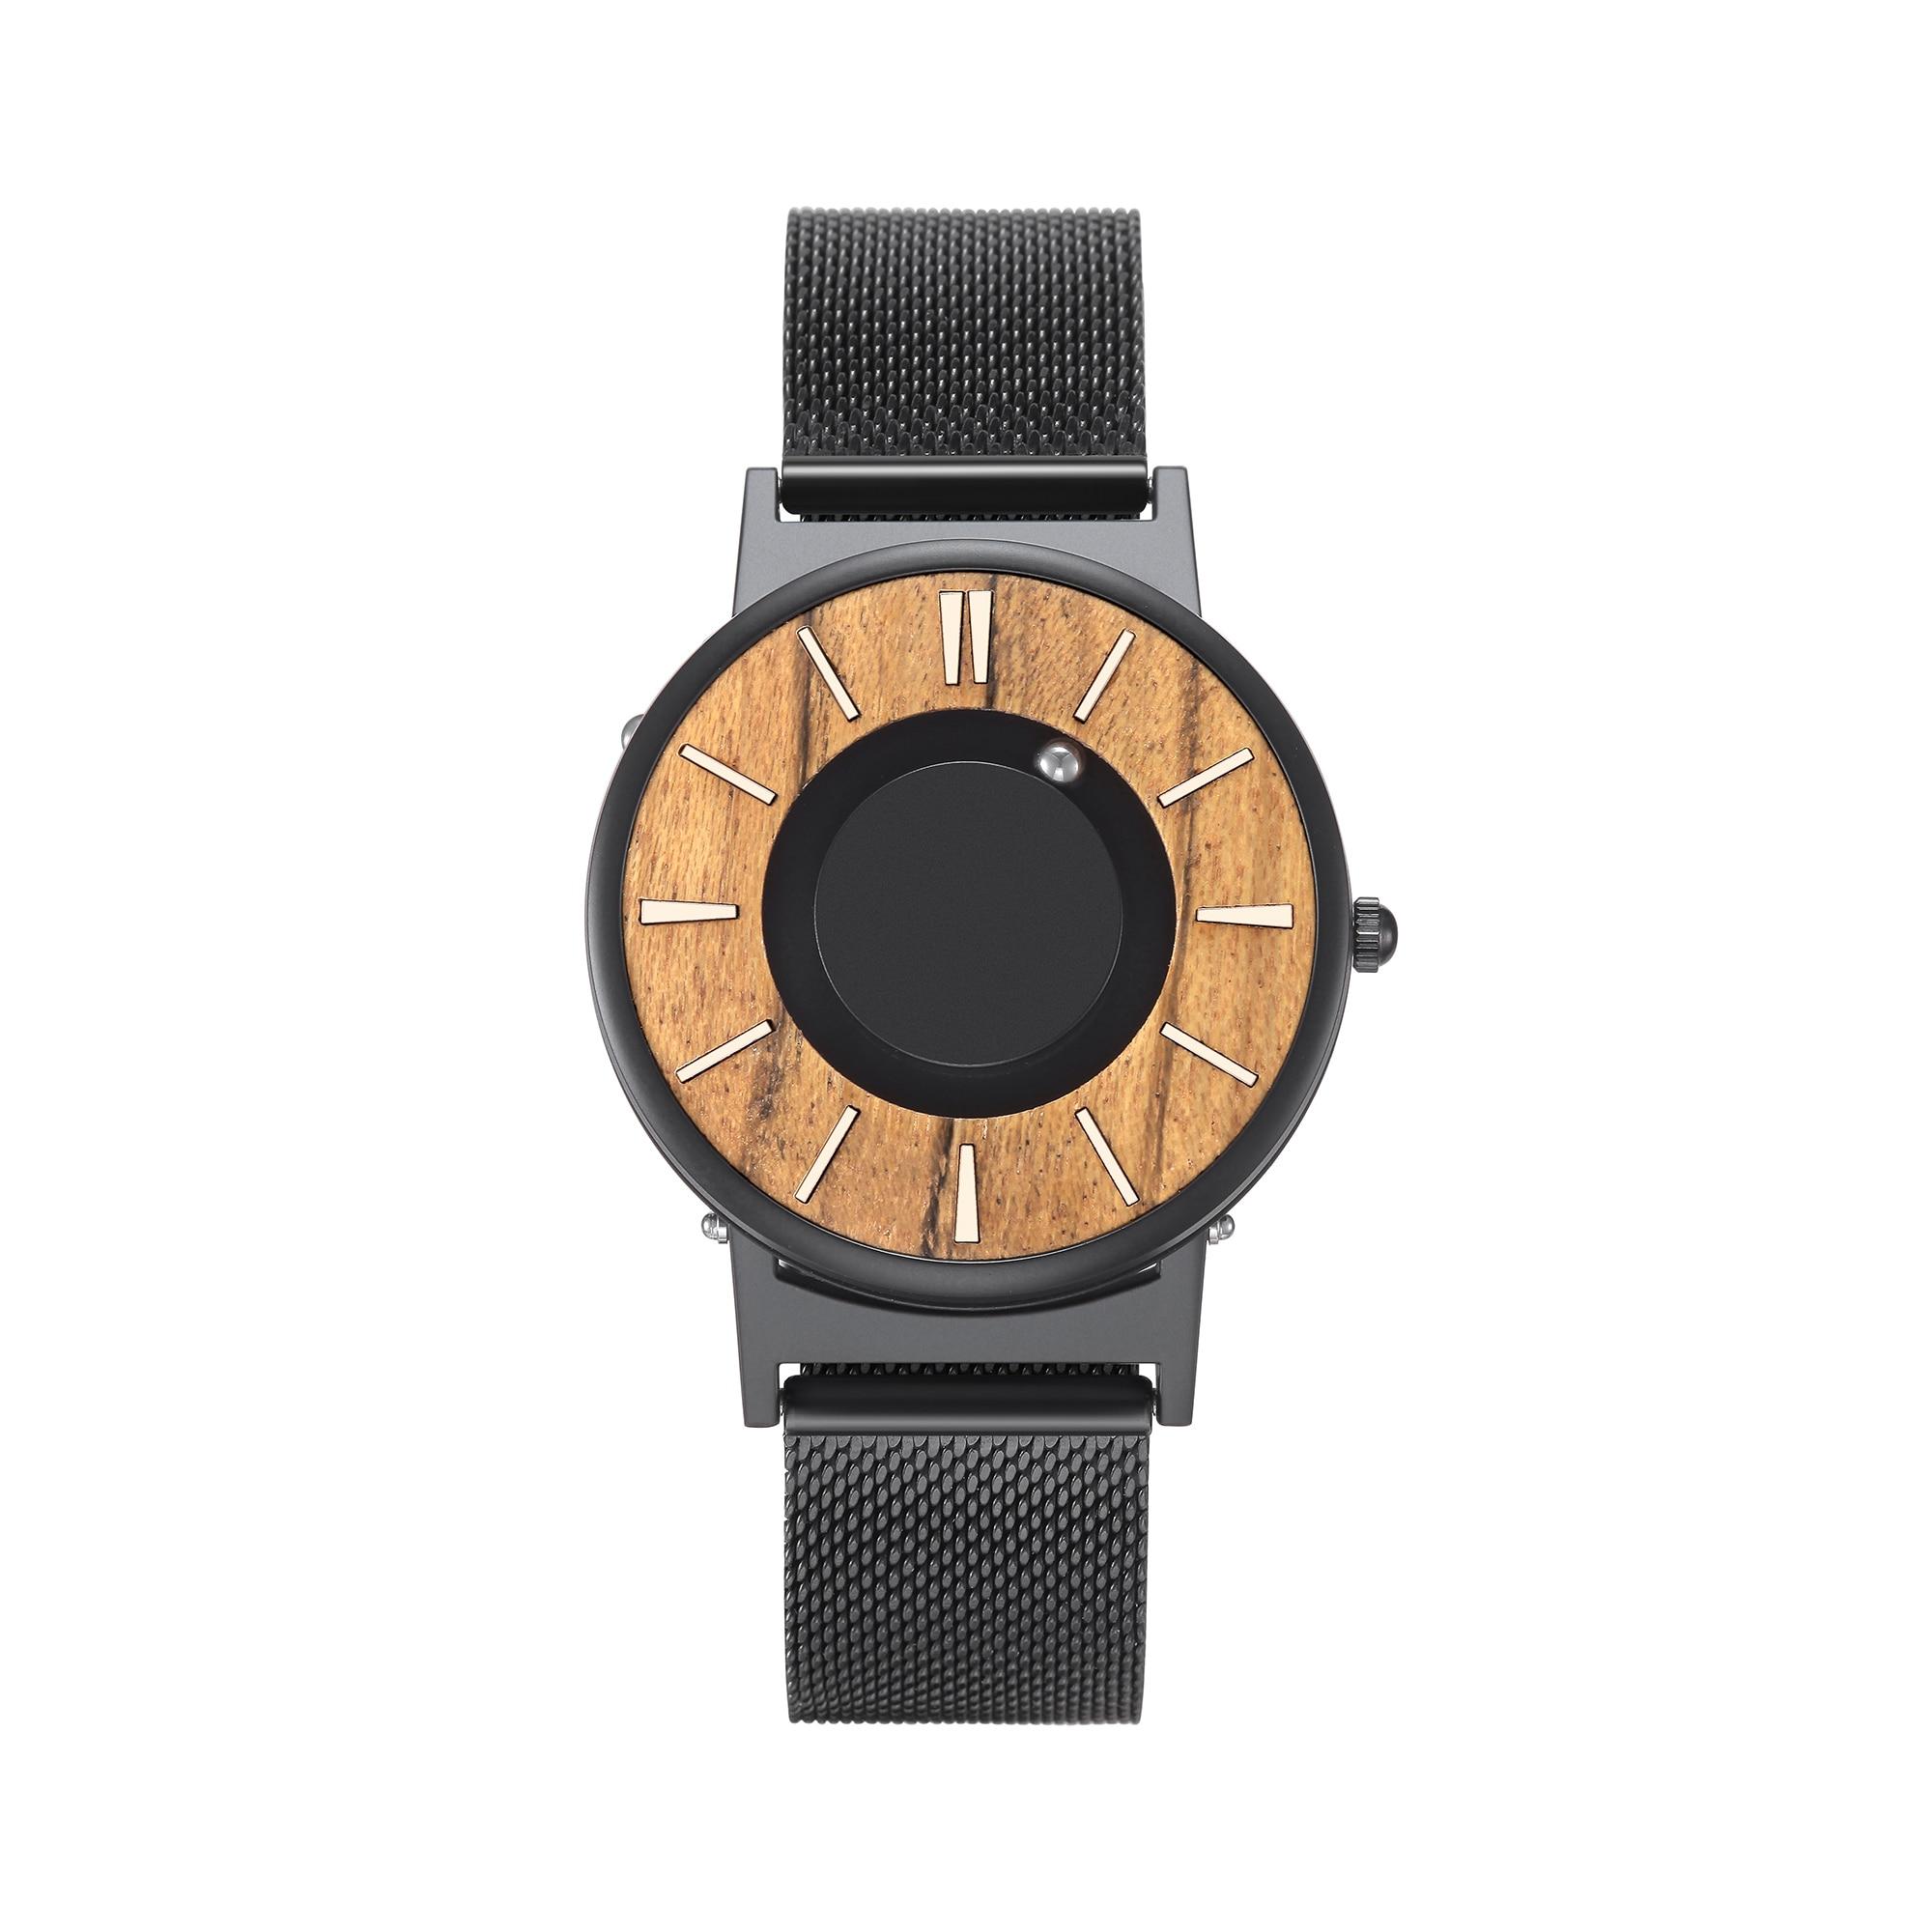 EUTOUR aimant montres 2019 hommes montre femmes montres quartz pour mode décontractée montre Simple hommes minimaliste en bois cadran